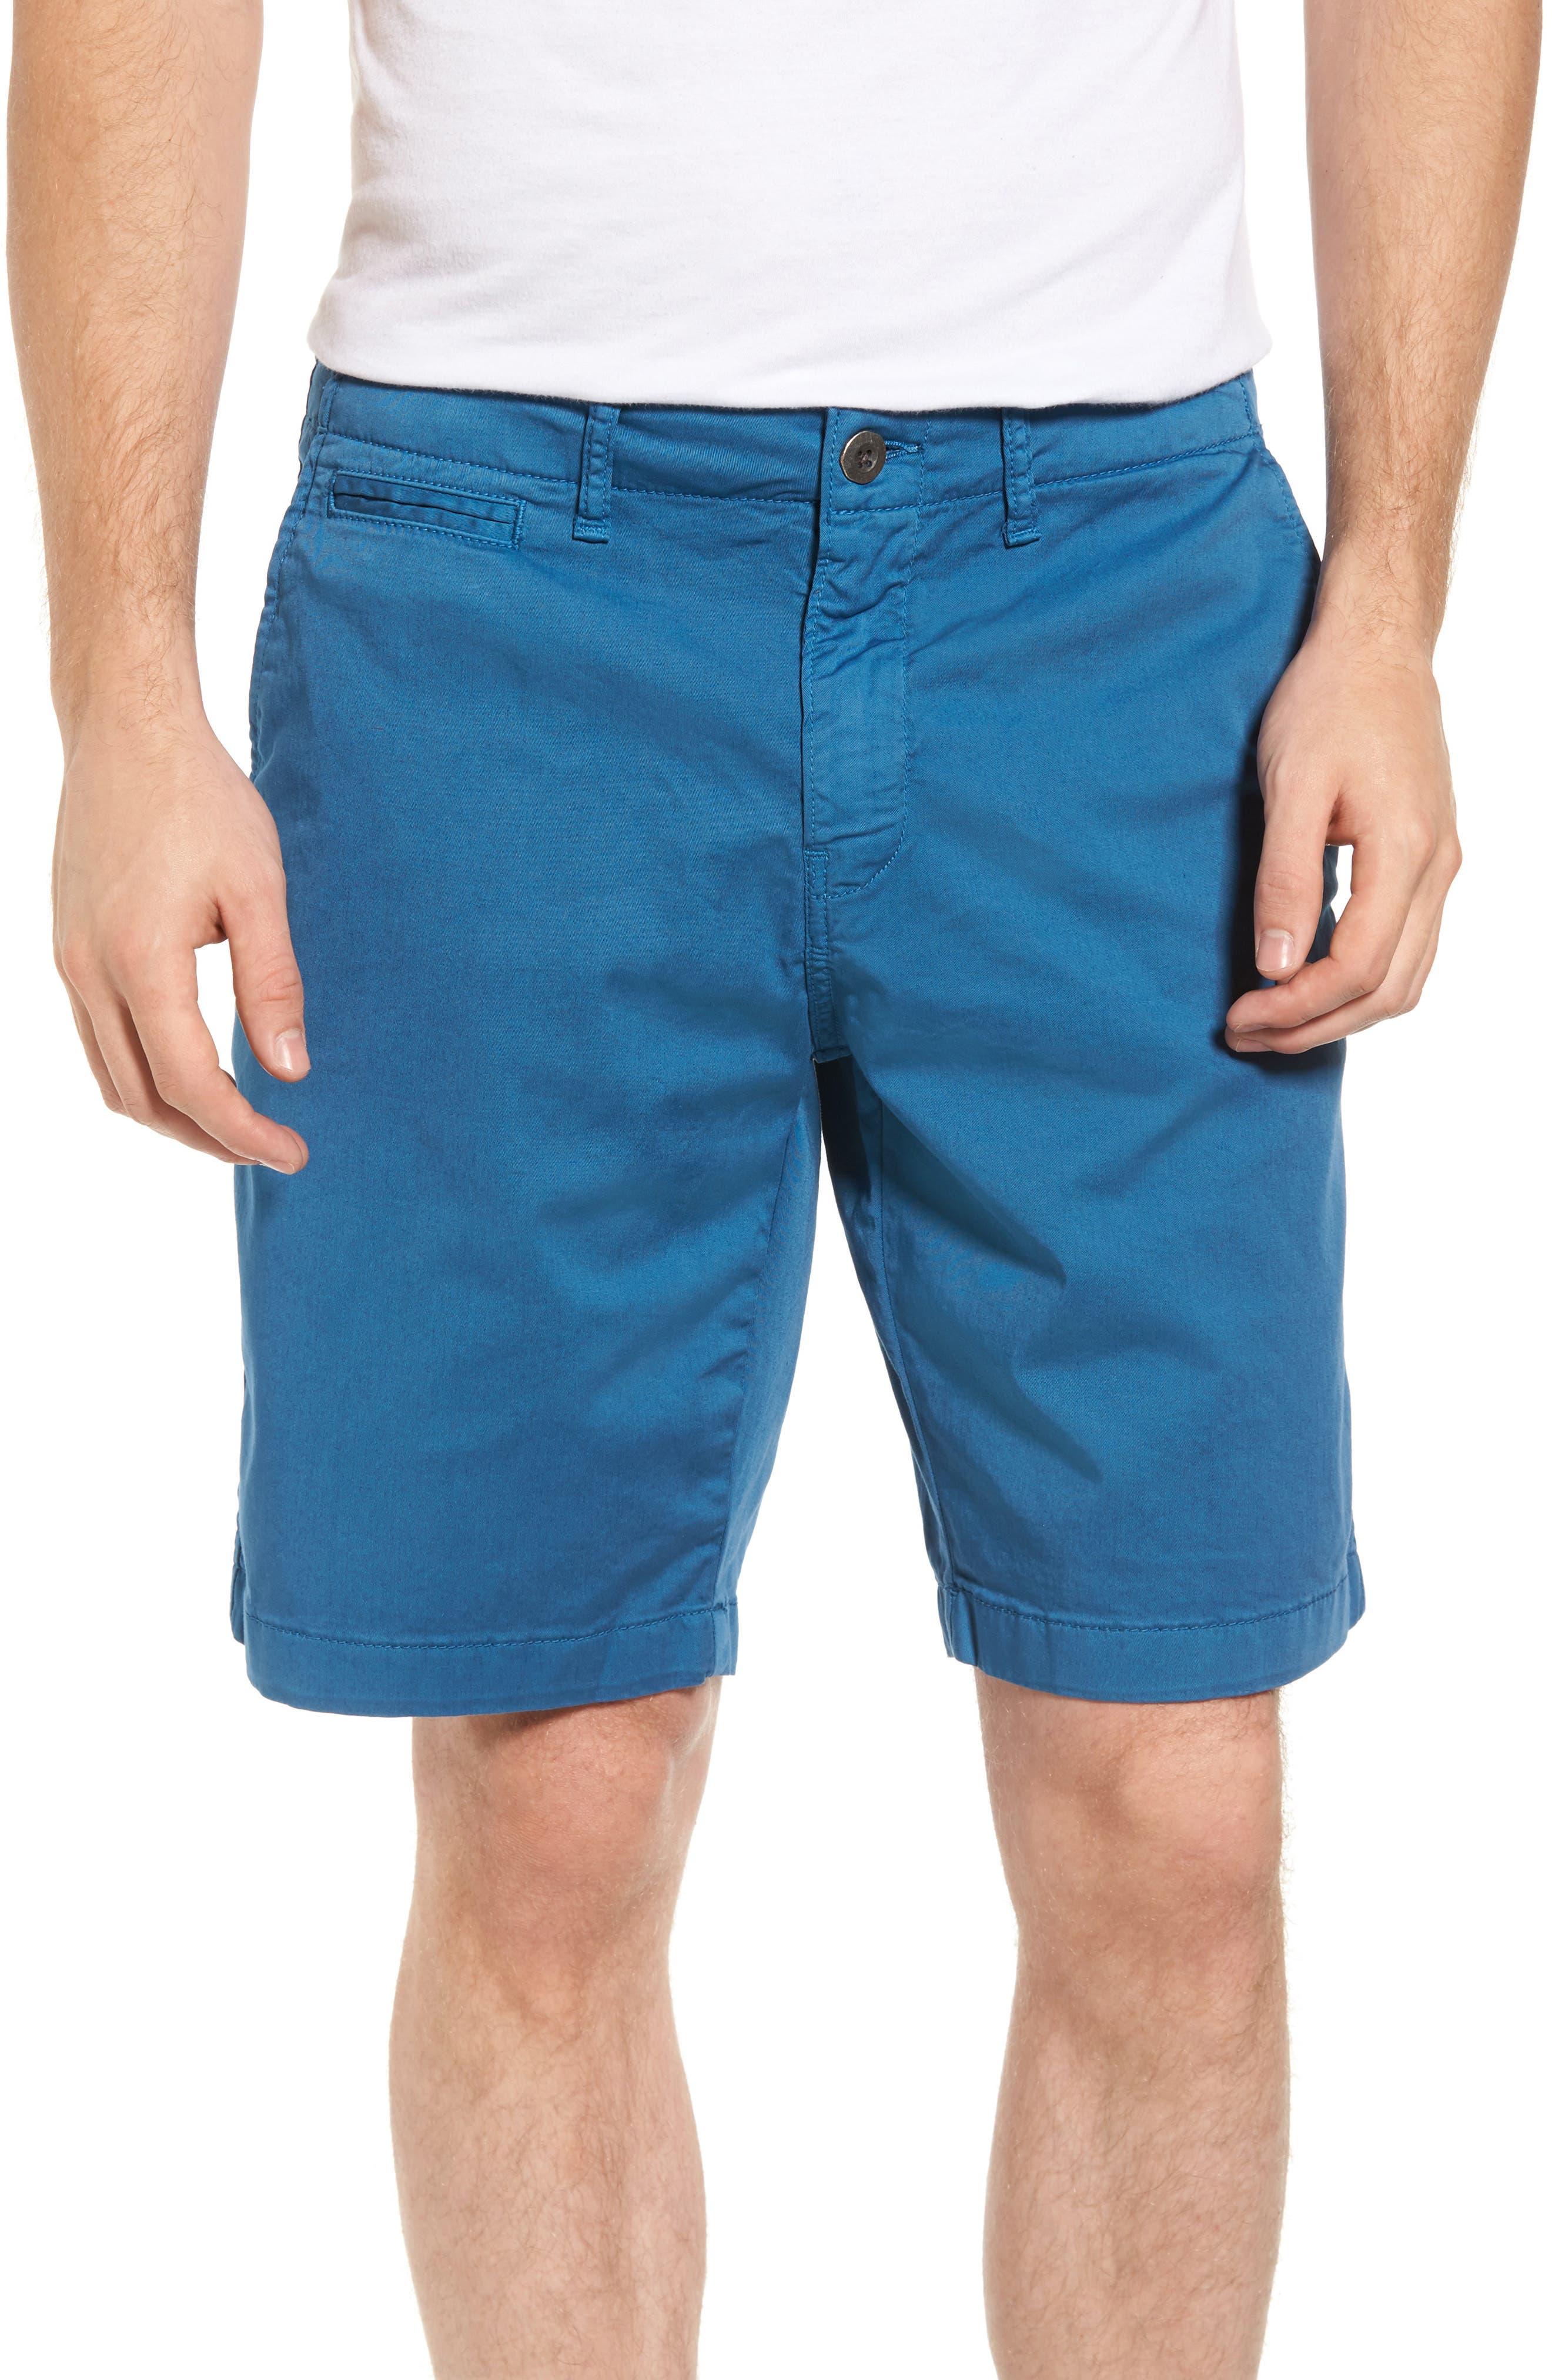 St. Barts Twill Shorts,                             Main thumbnail 10, color,